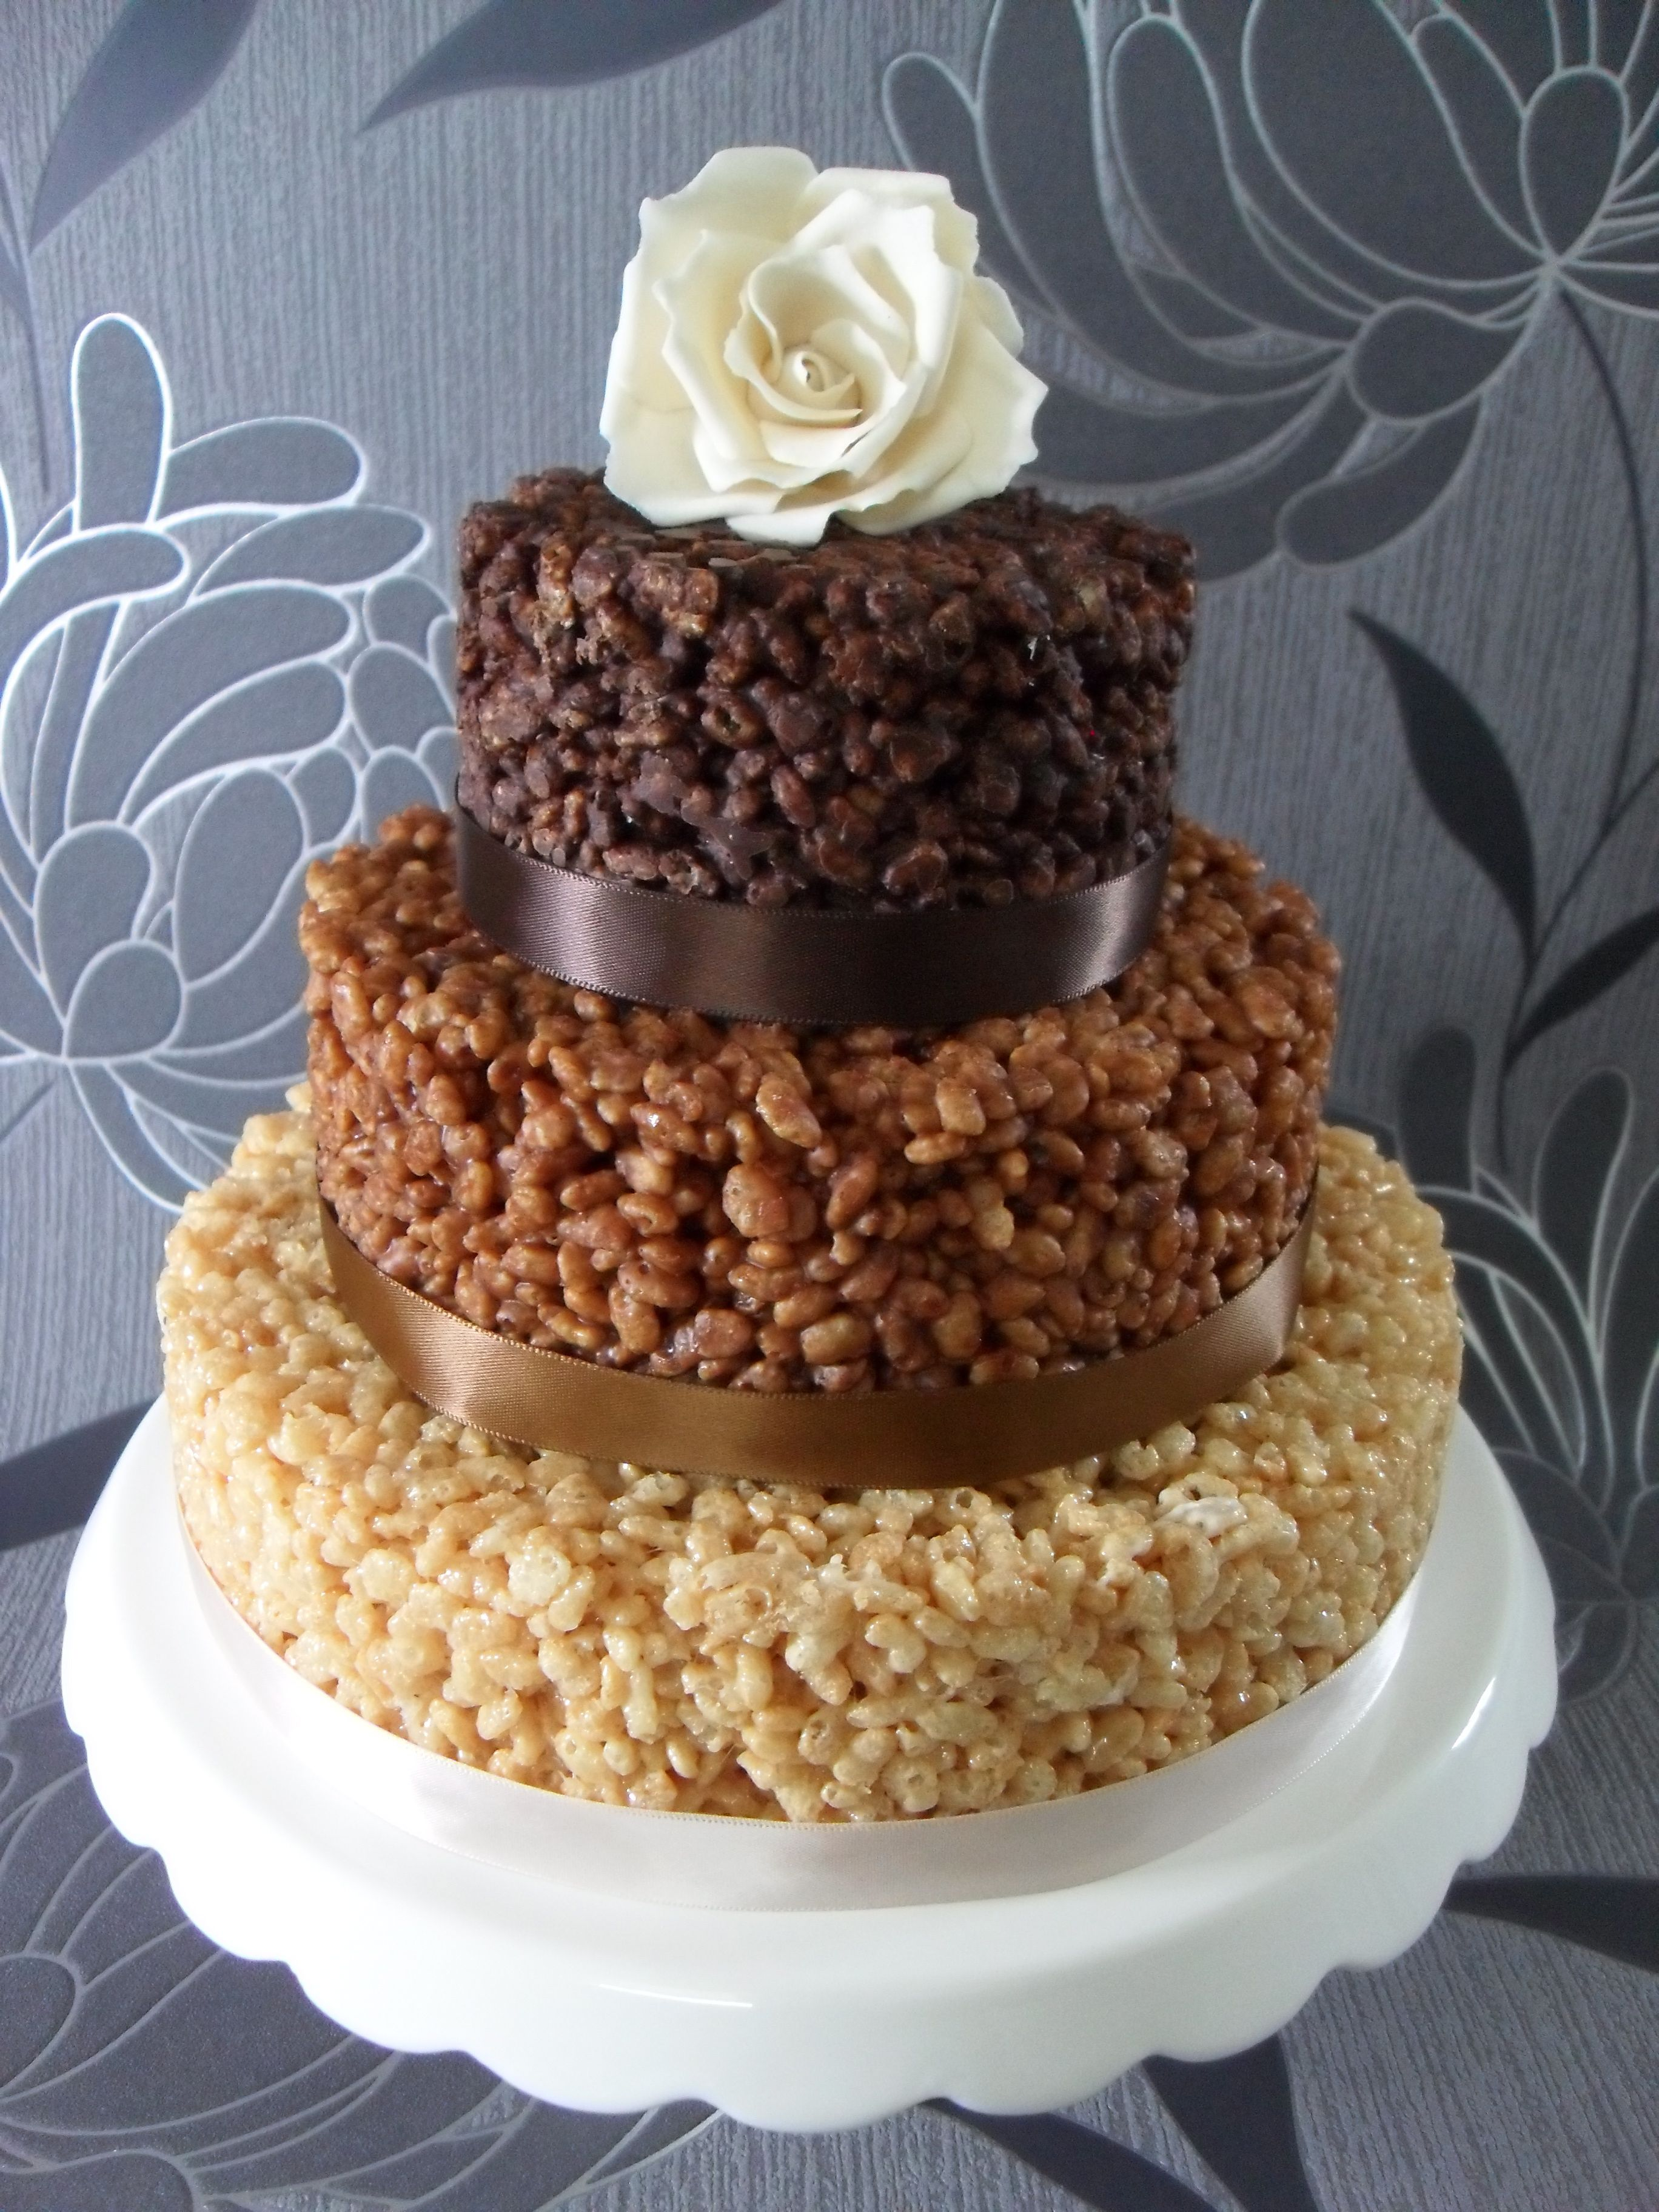 A Truly Original Wedding Cake Wedding Cake Alternatives Unusual